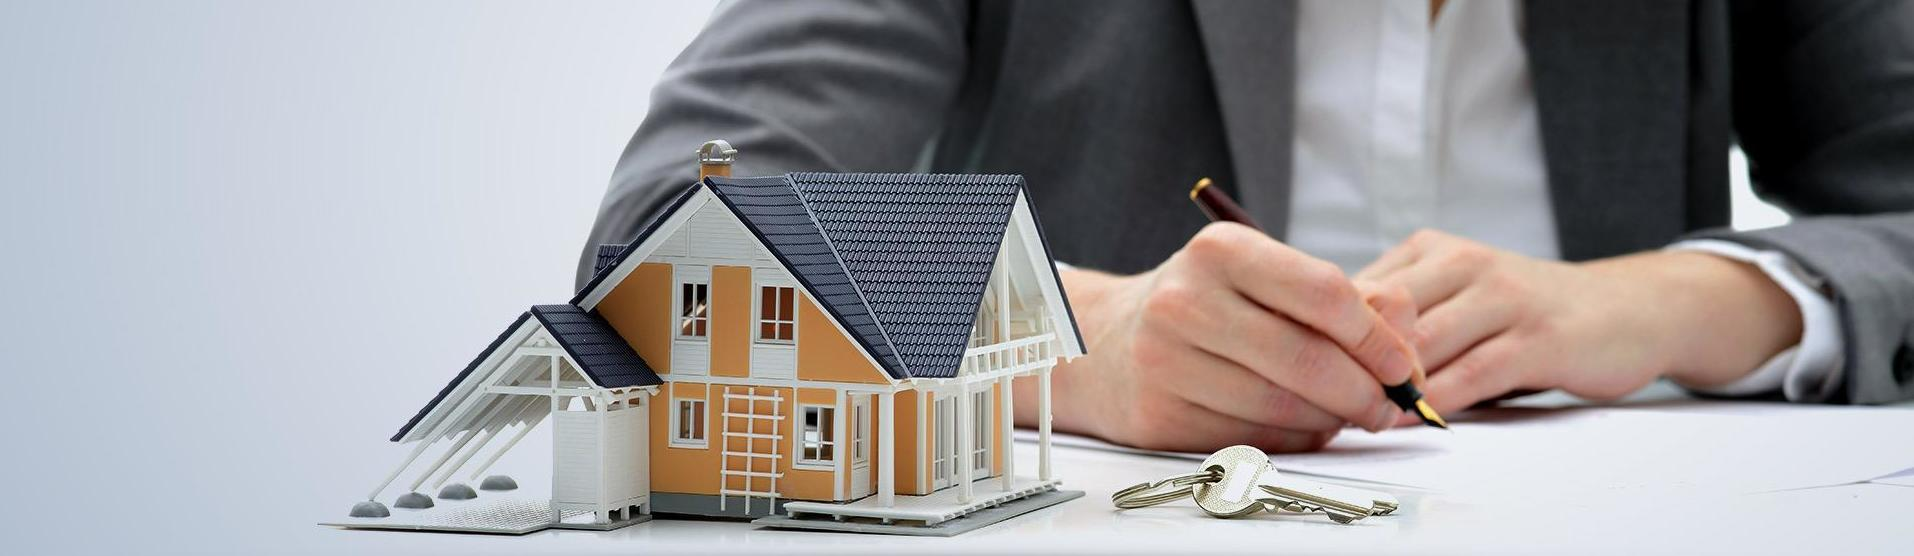 Inmobiliaria en Ribadesella - Compra Venta de Inmuebles Asturias